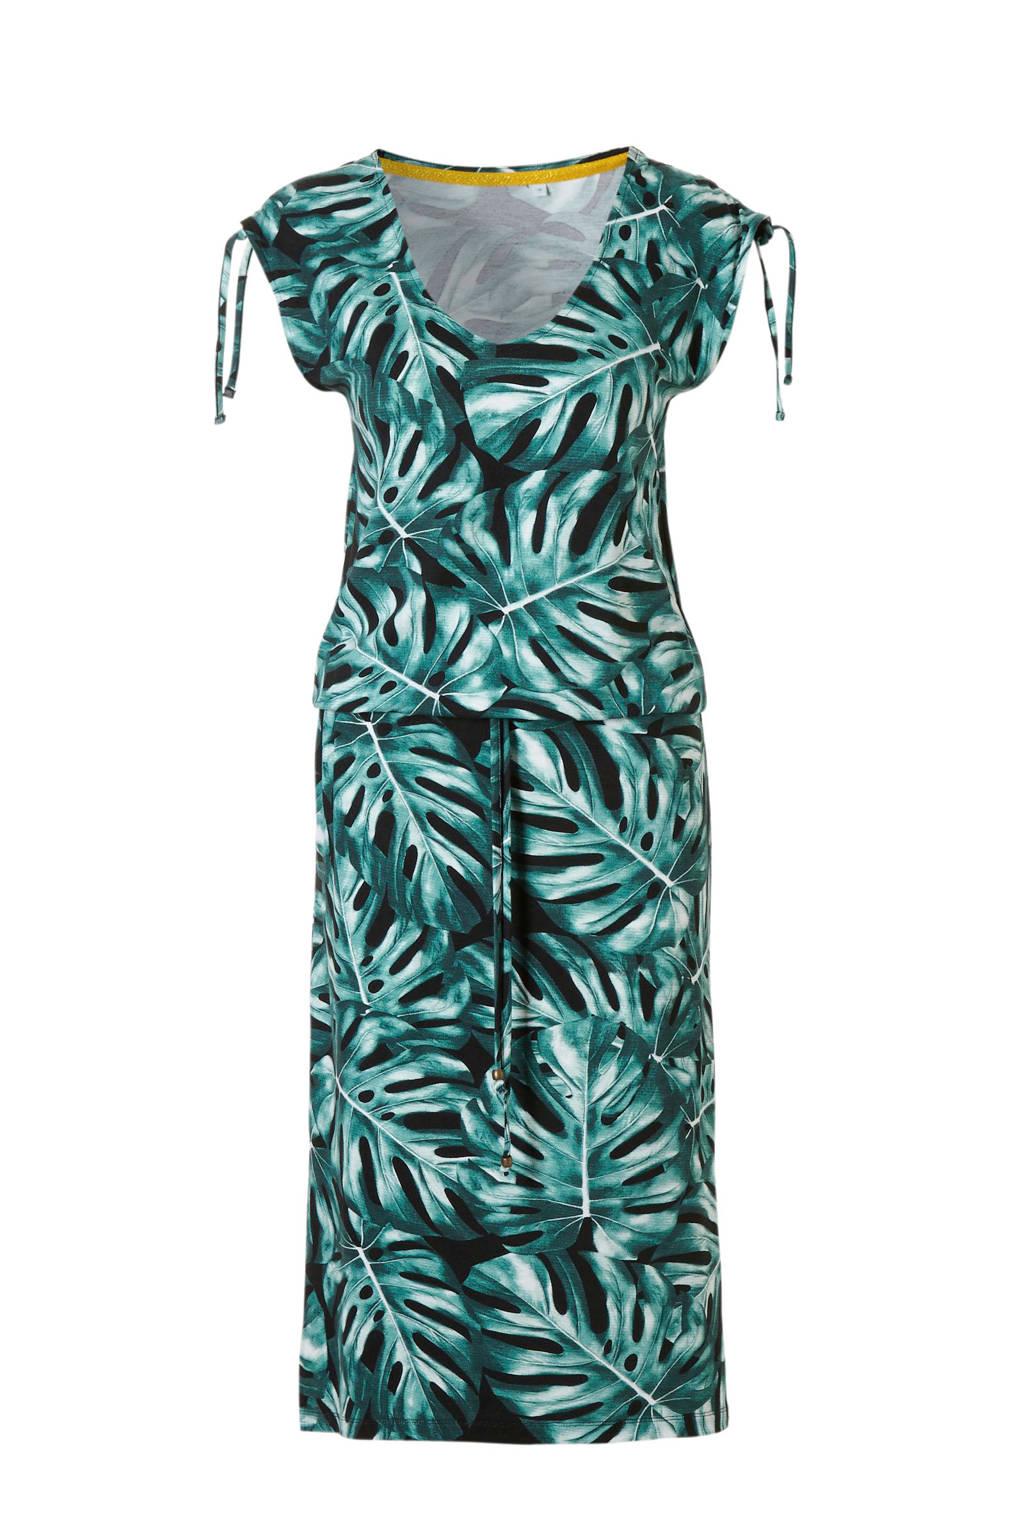 whkmp's beachwave viscose jurk met bladprint, Groen